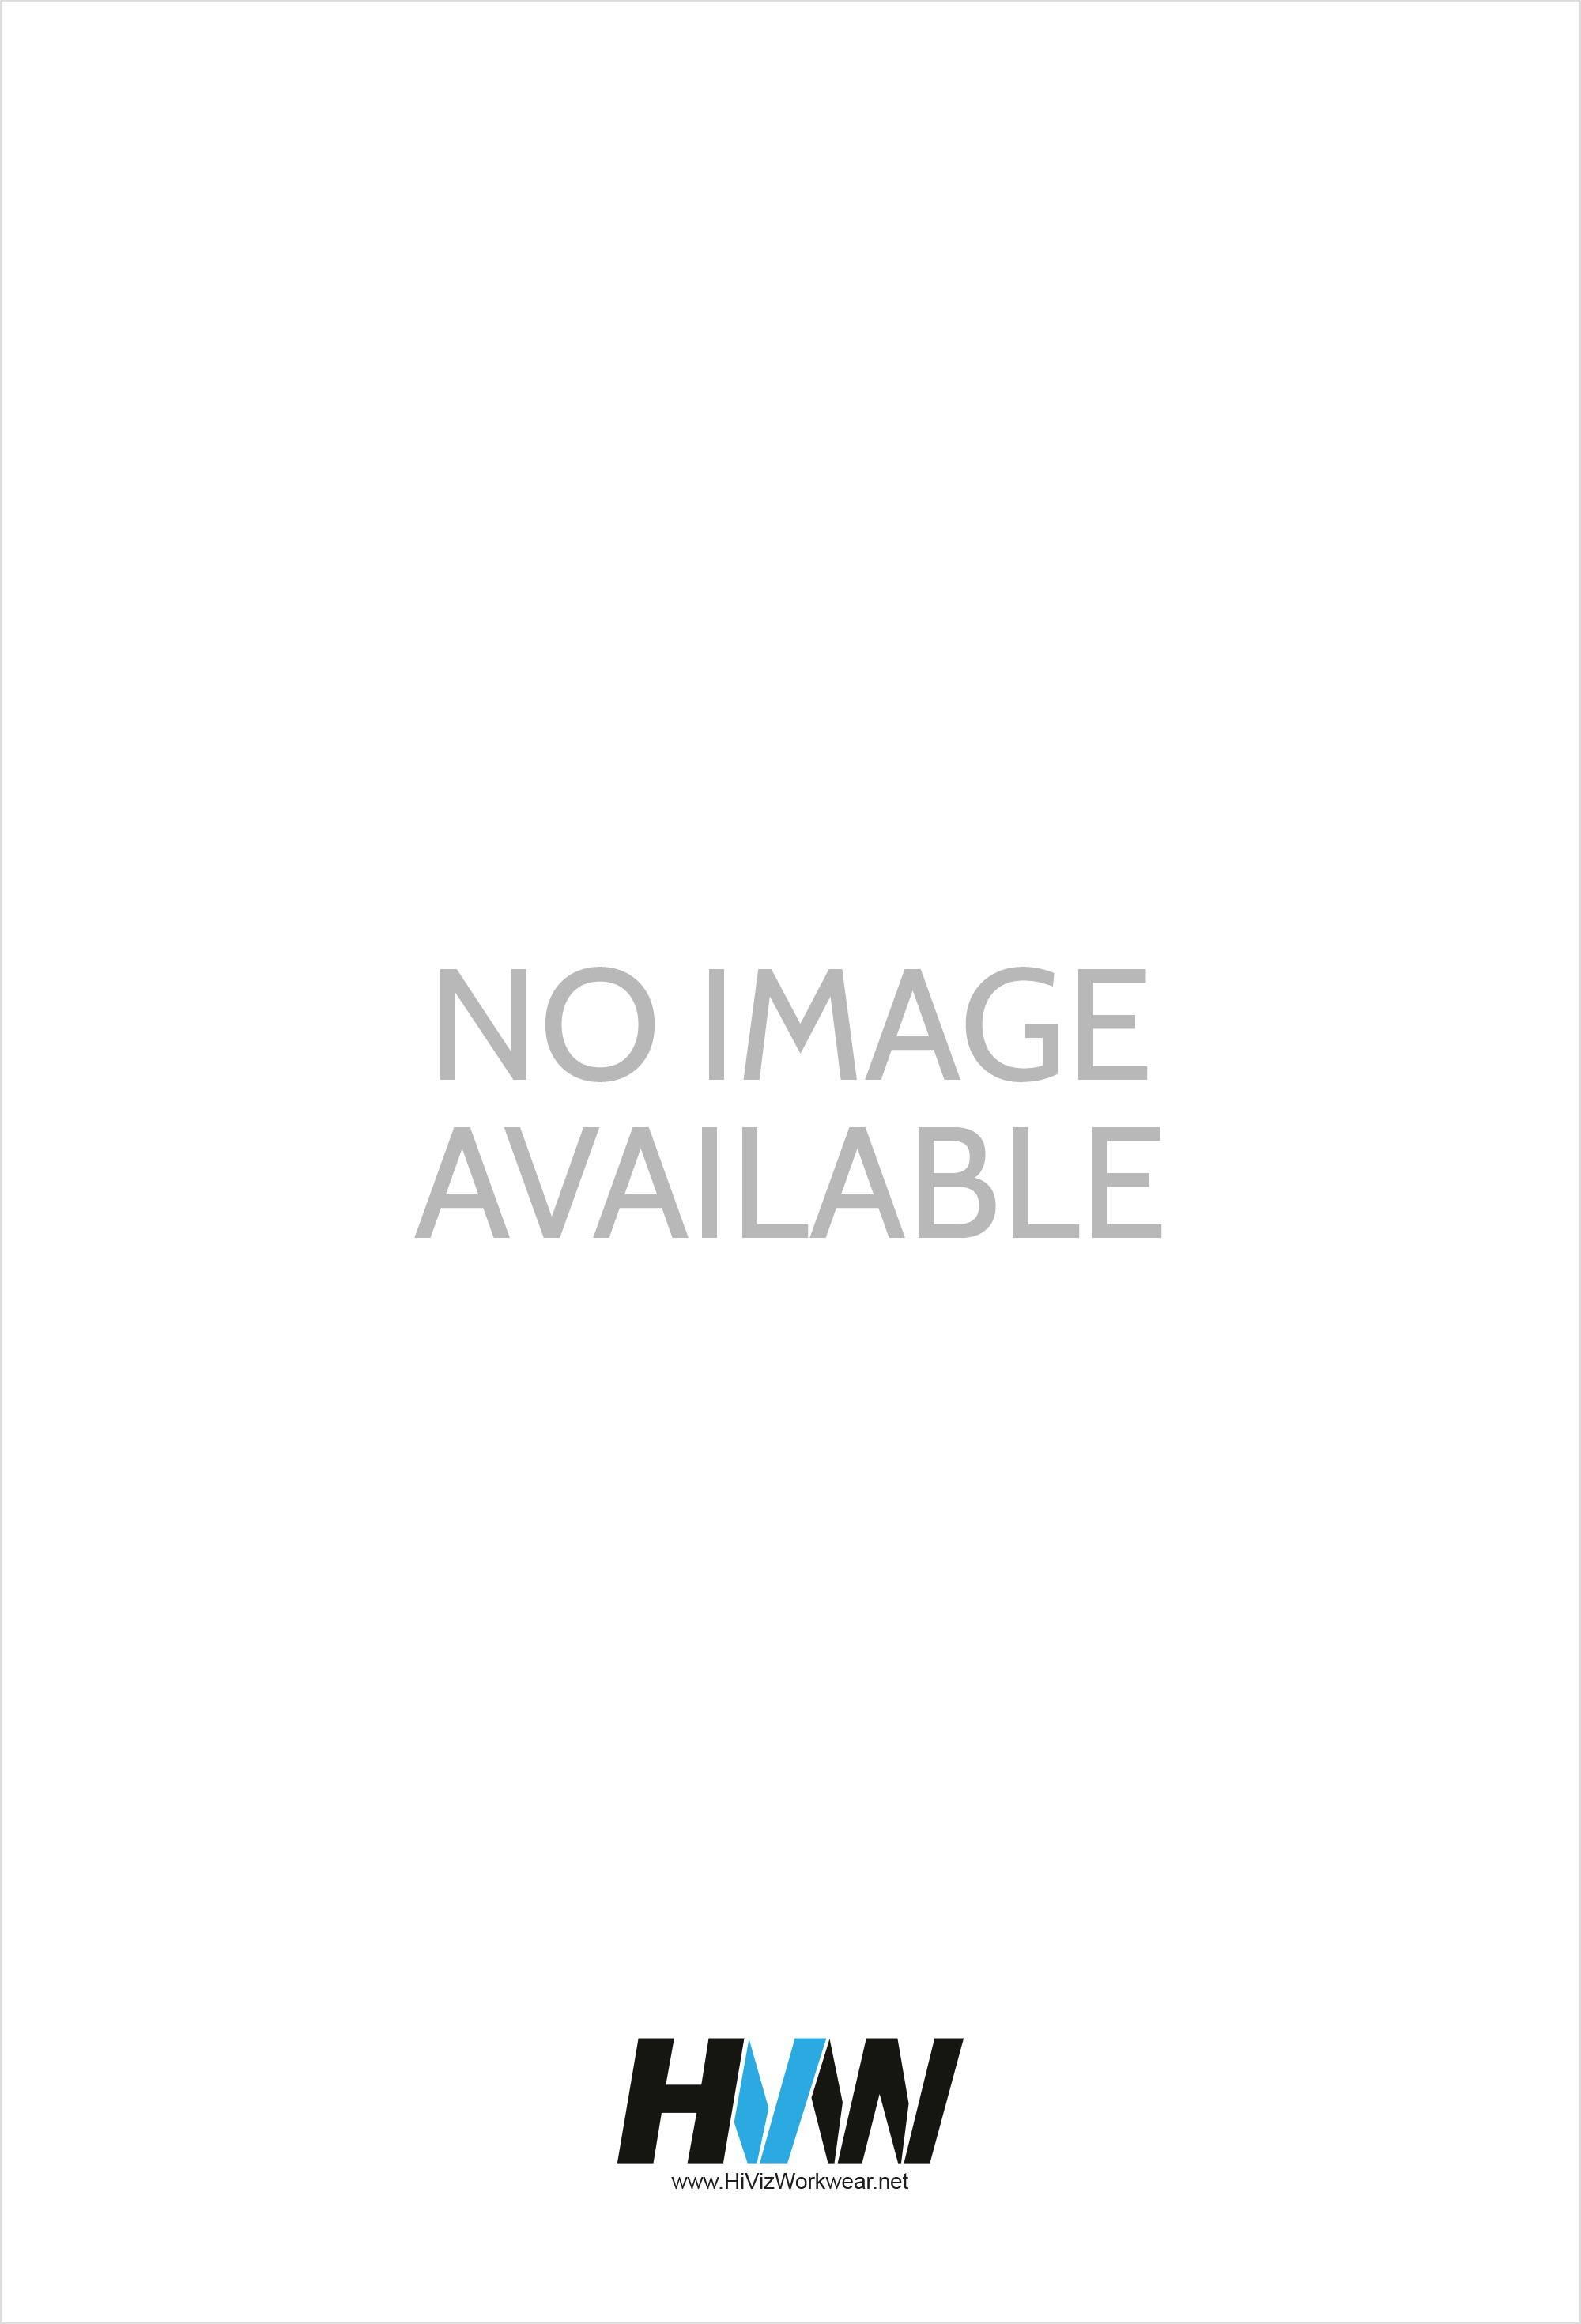 Kustom Kit KK104 Long Sleeved Business Shirt  (Collar Size  14.5 To 19.5)